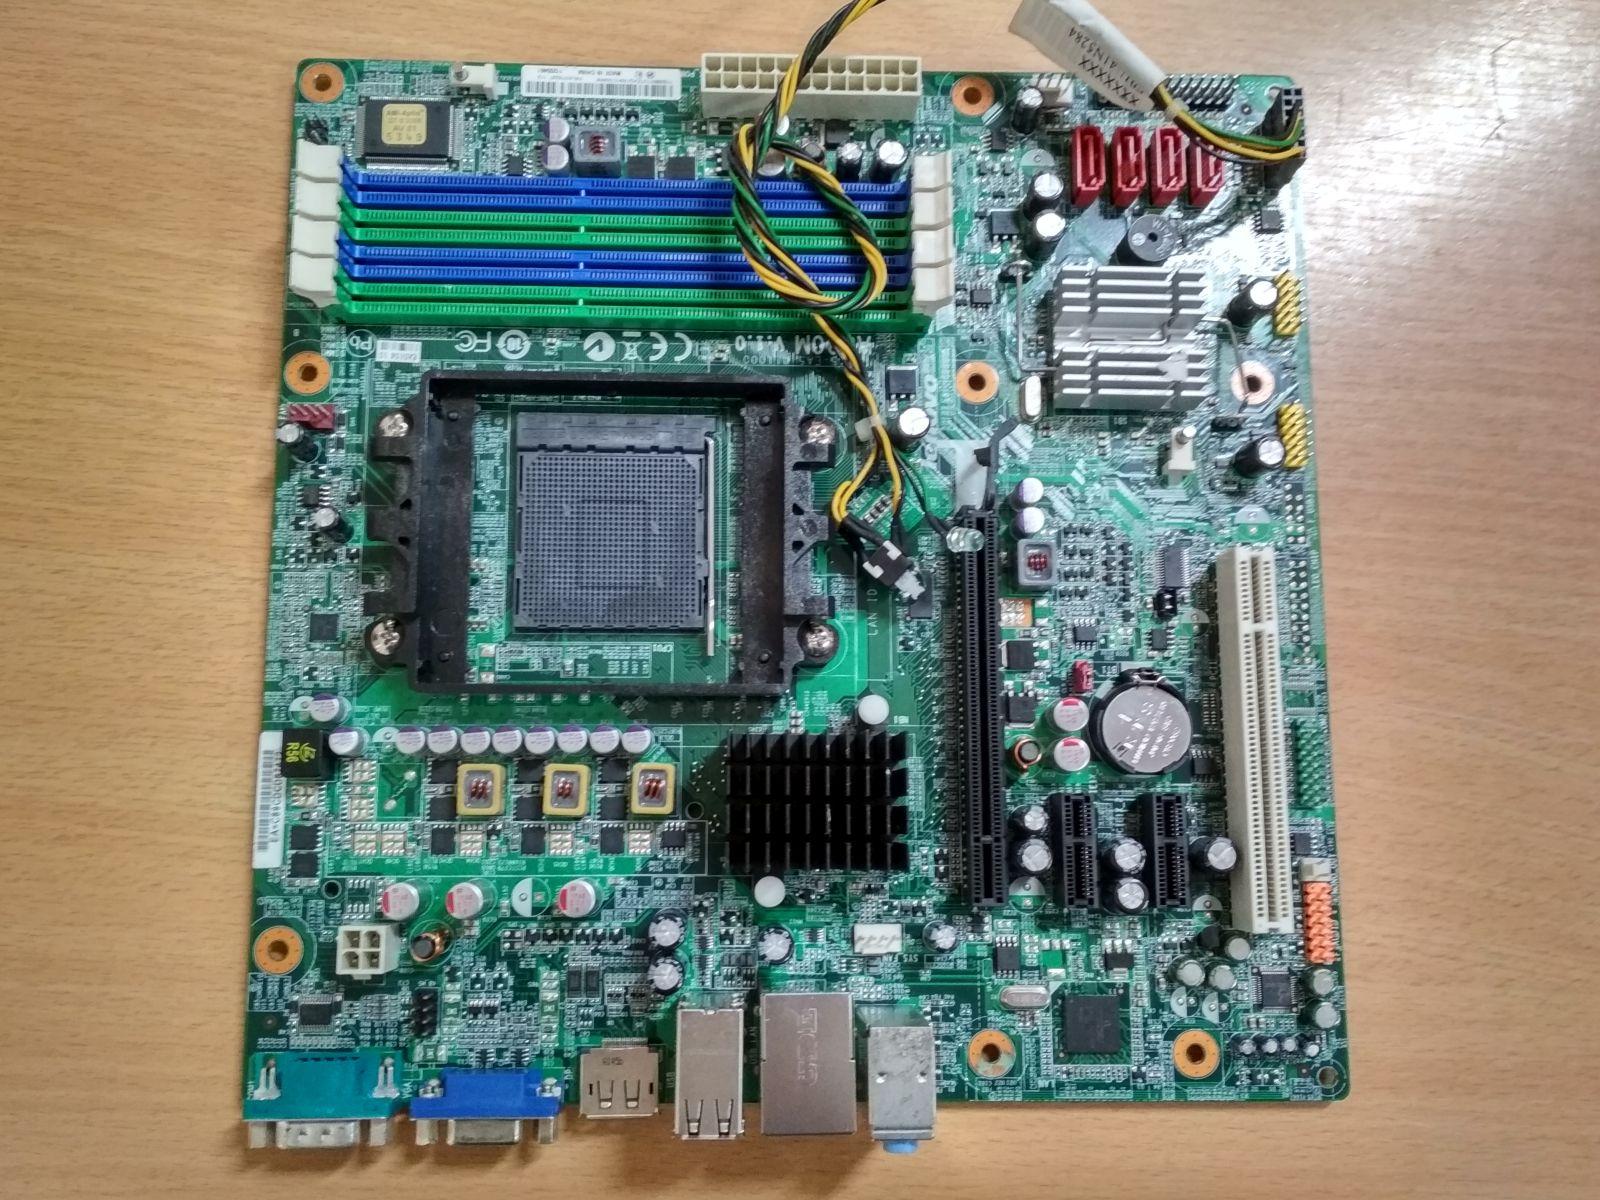 Lenovo M77 A880M v1.0 AM3 használt alaplap  3 hó gar!